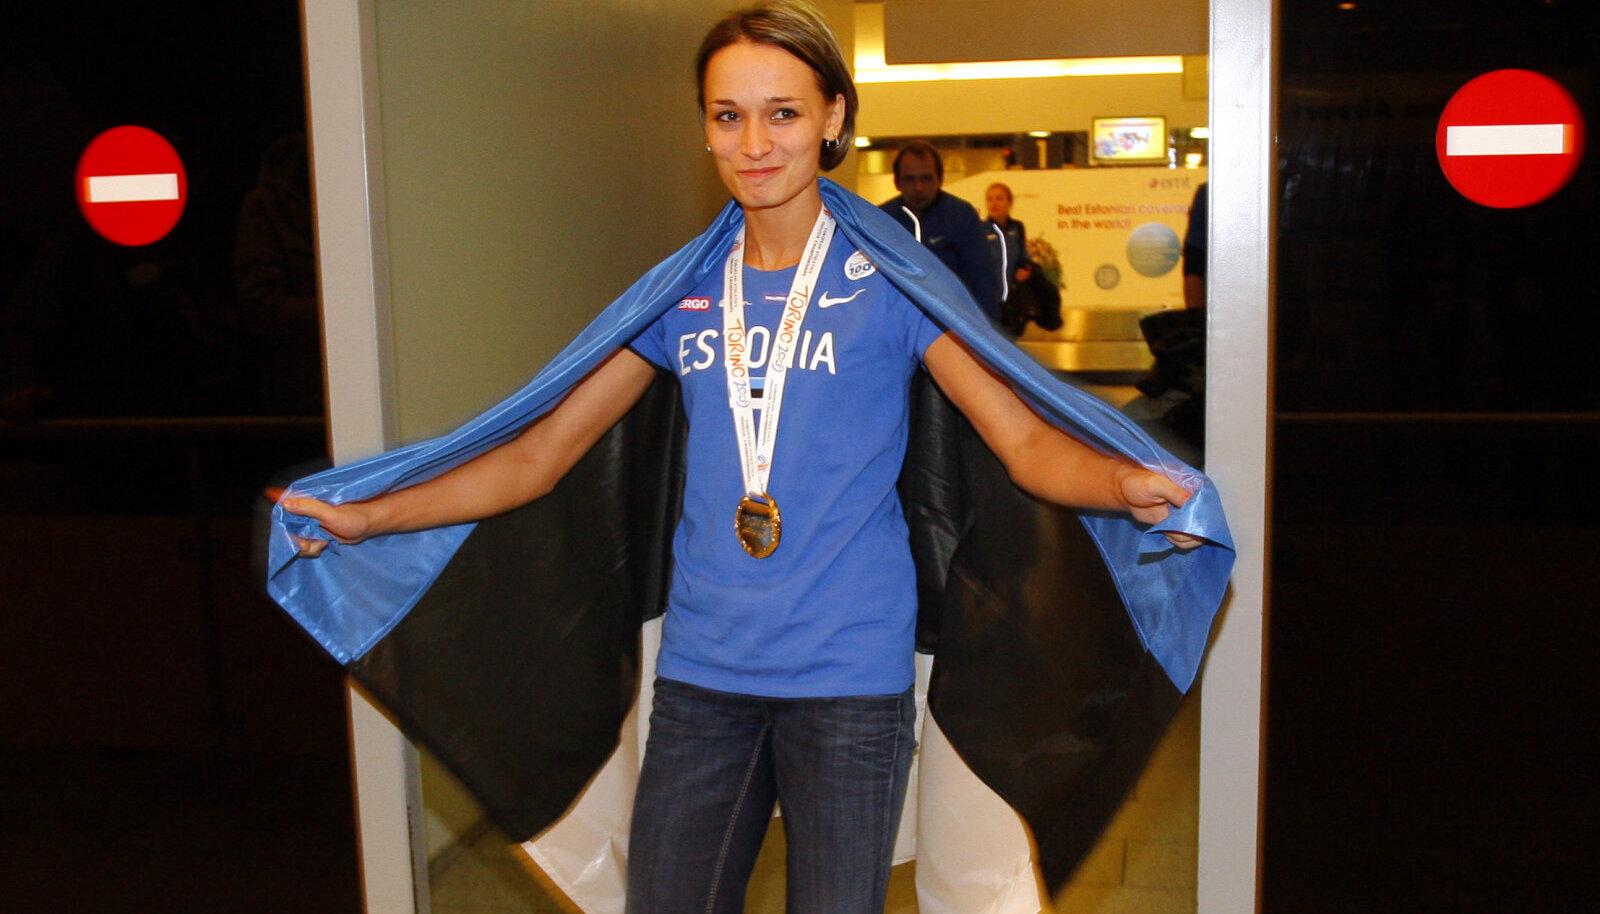 Euroopa sisemeistri Ksenija Balta vastuvõtt 2009. aastal.